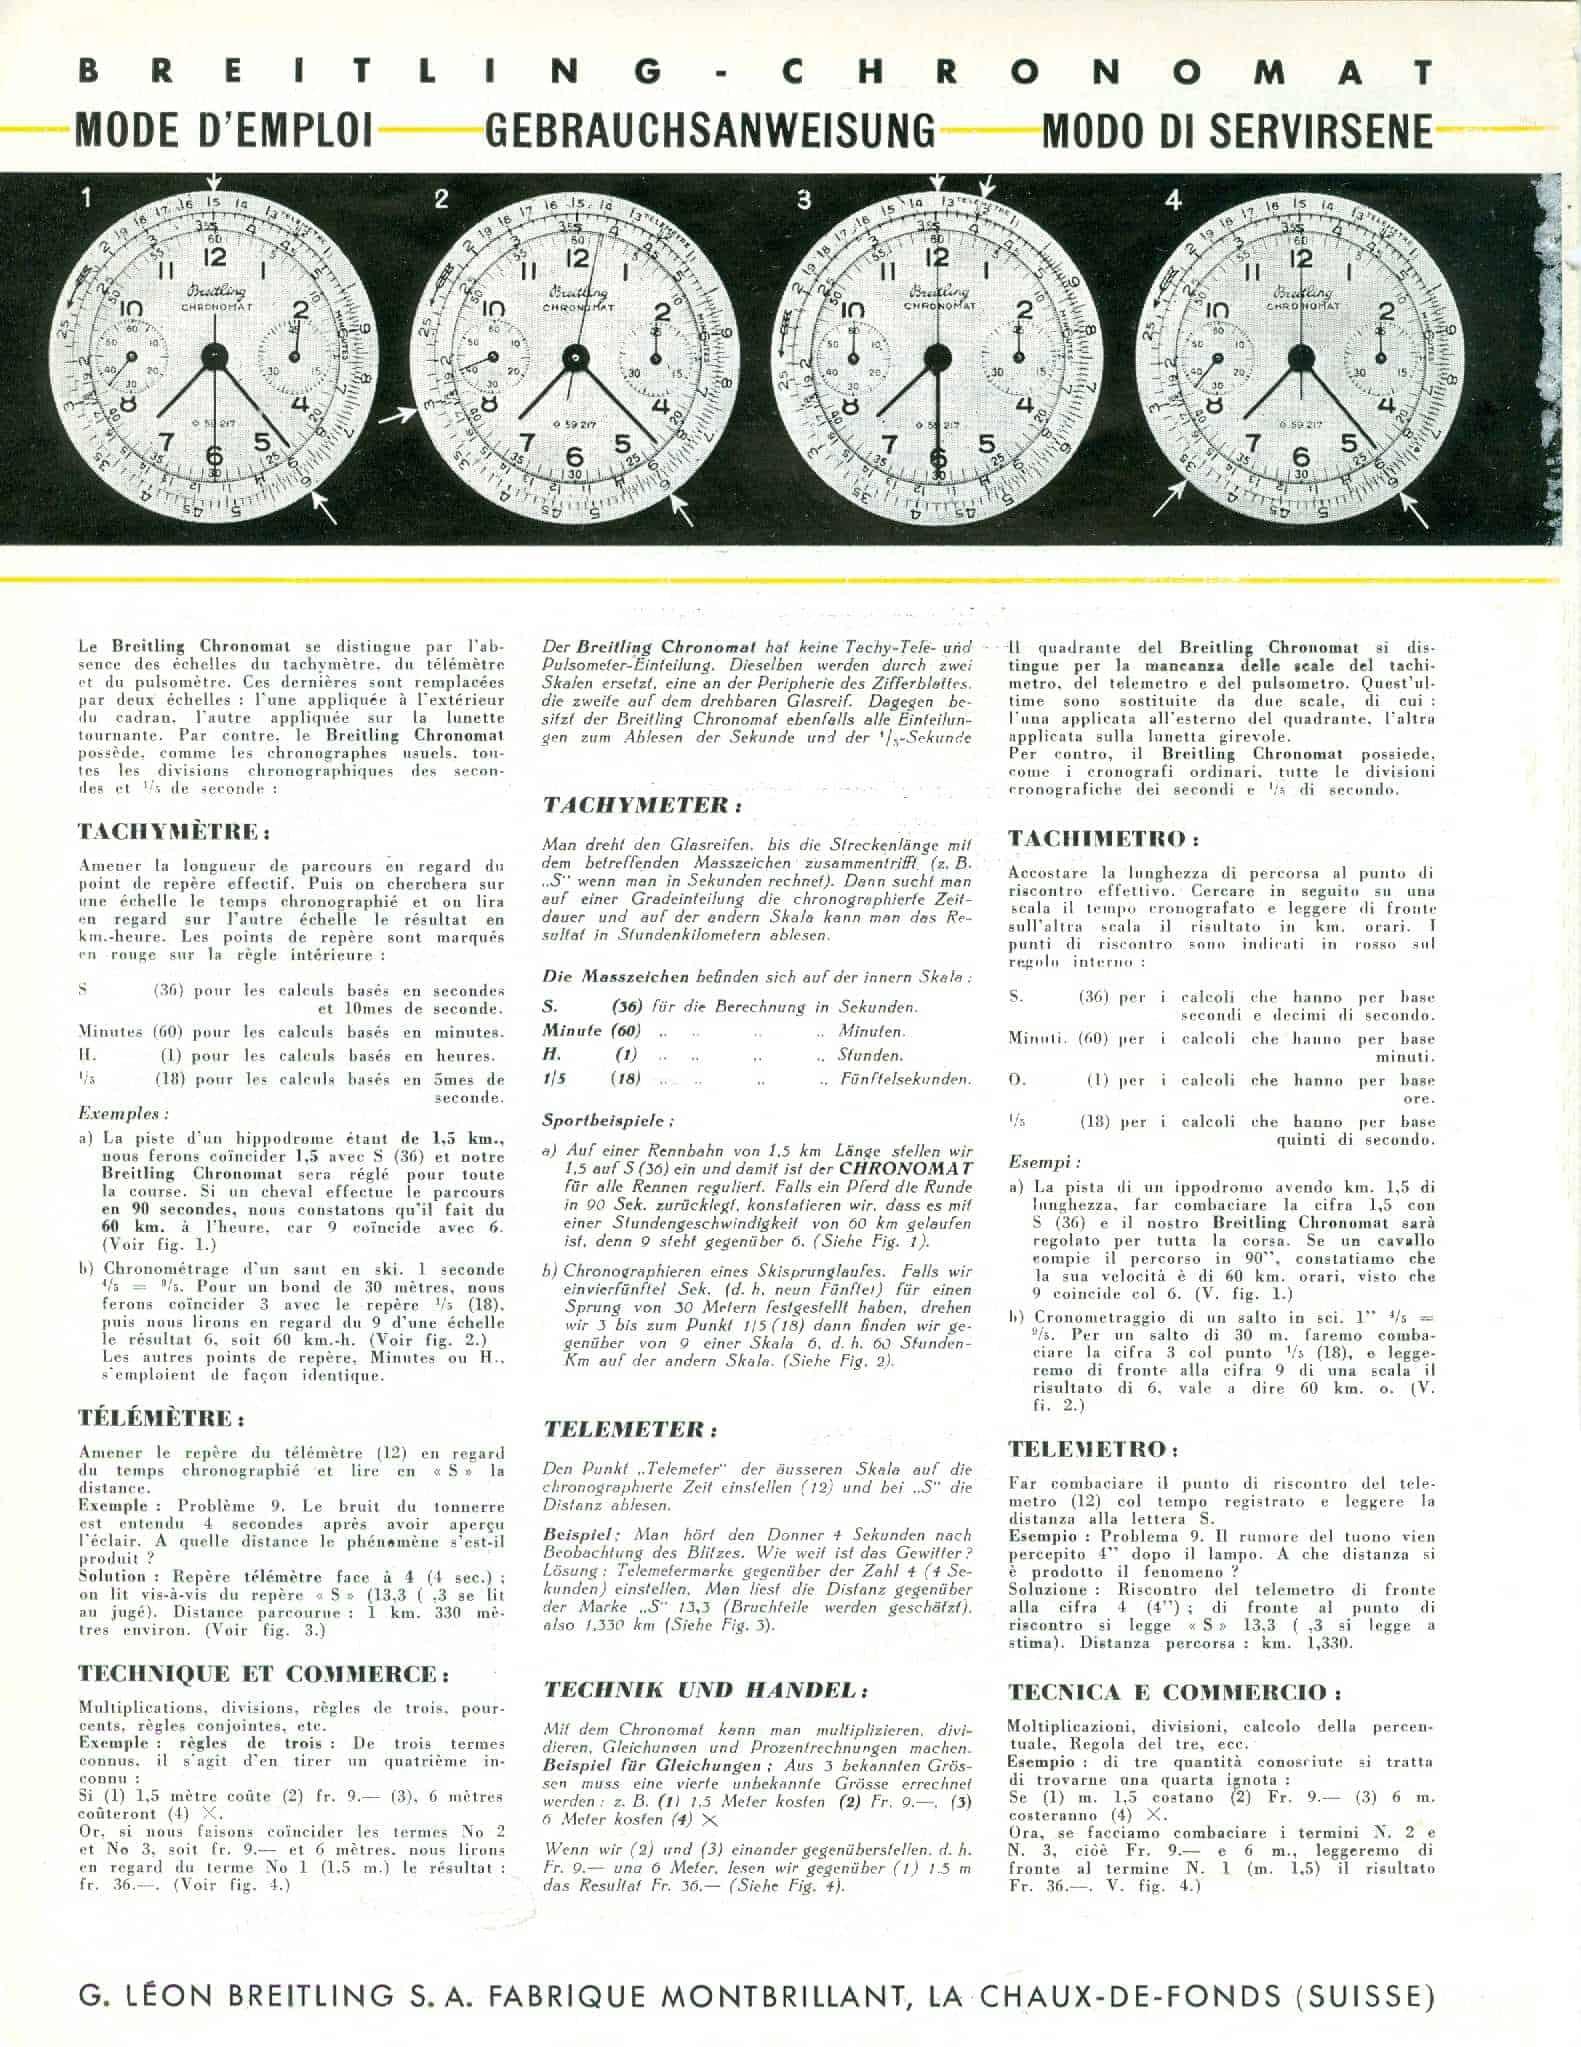 Der Breitling Chronomat von 1941 wurde mit einer Beschreibung der Funktionen beworben